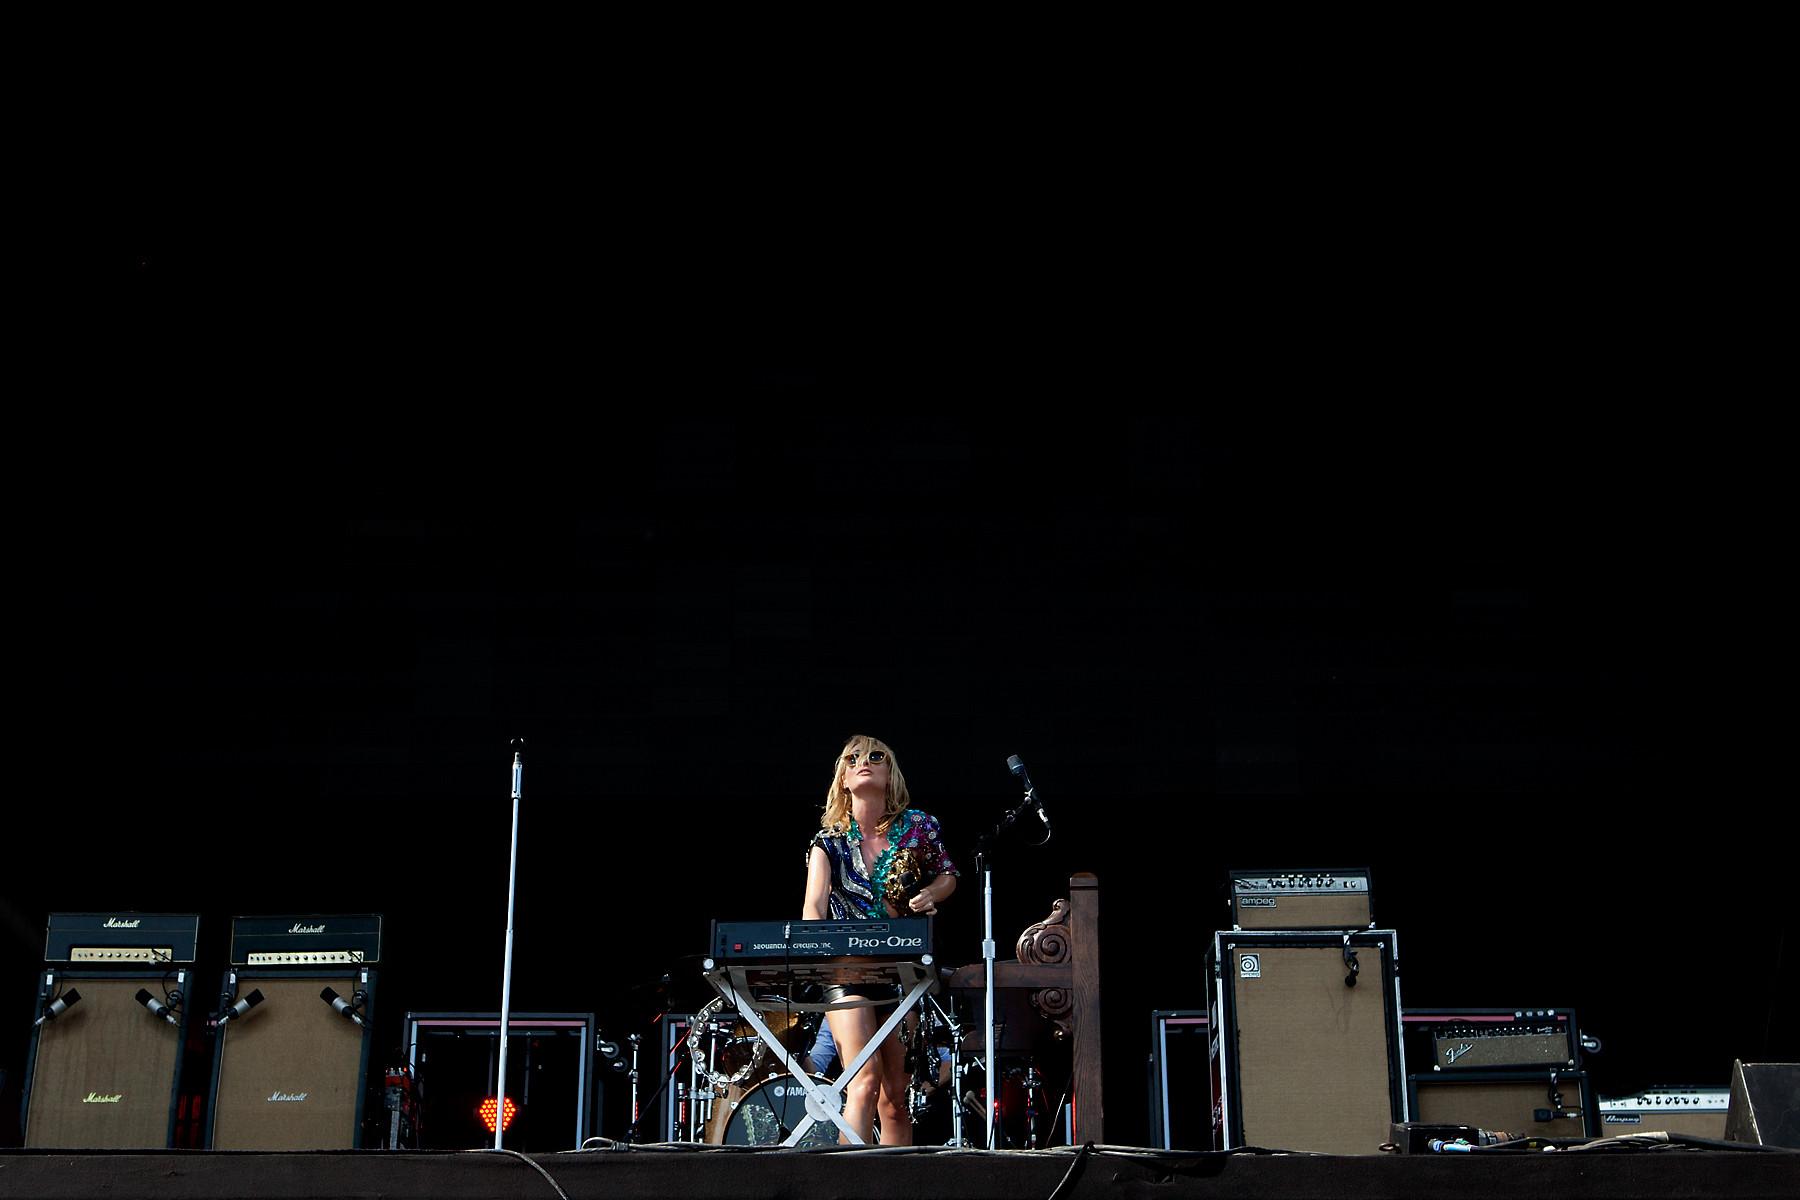 Metric @ Lollapalooza 2012